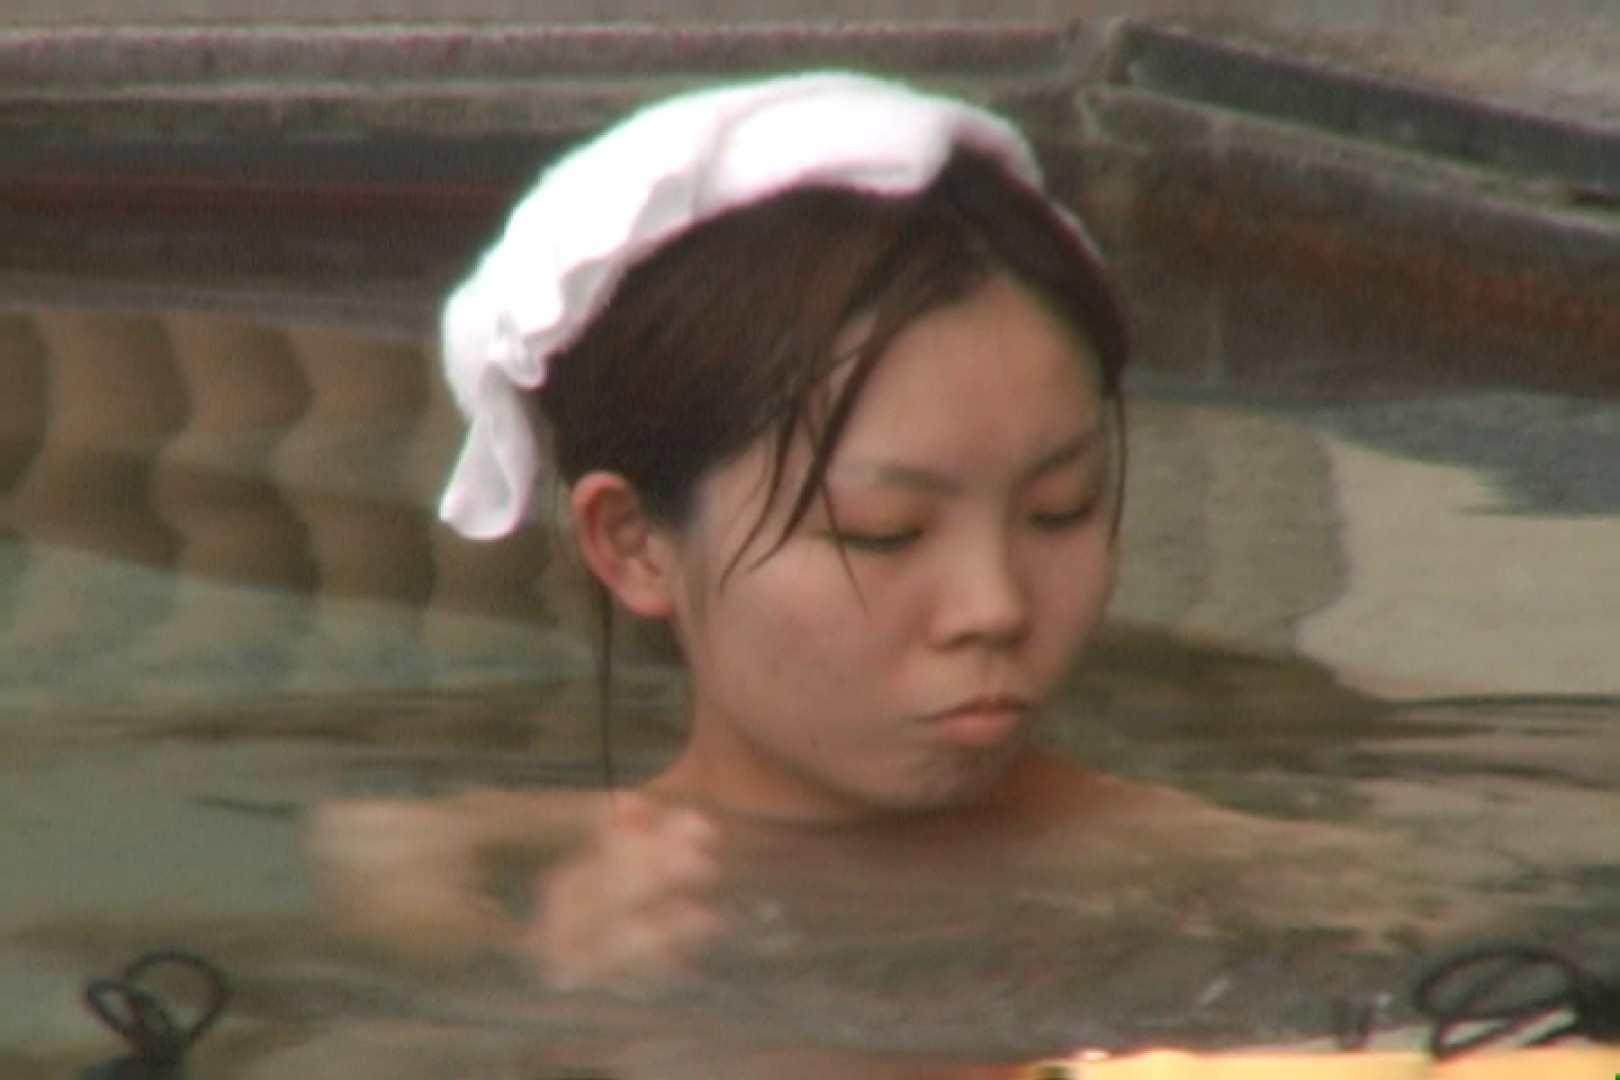 Aquaな露天風呂Vol.580 0  103pic 94